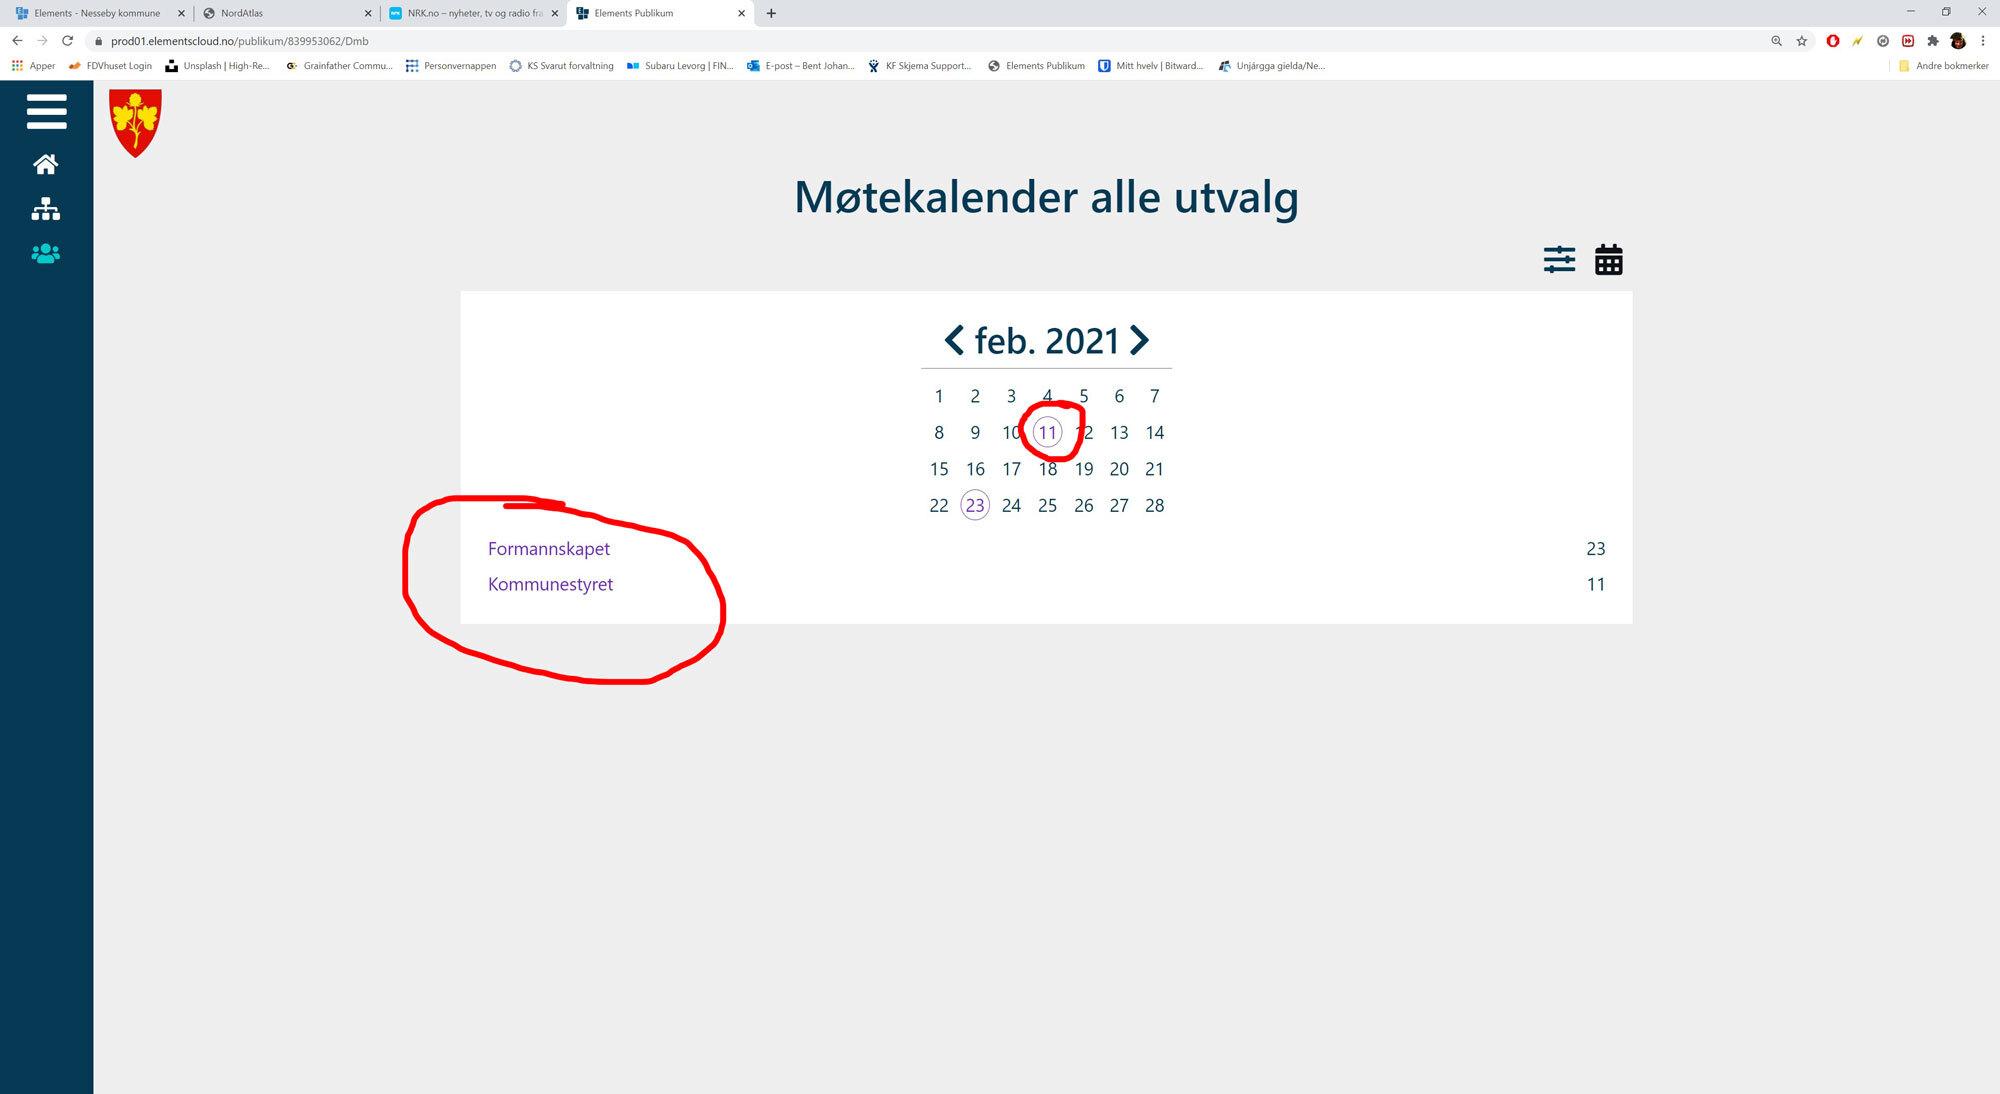 Skjermbilde-2021-02-19-145549.jpg